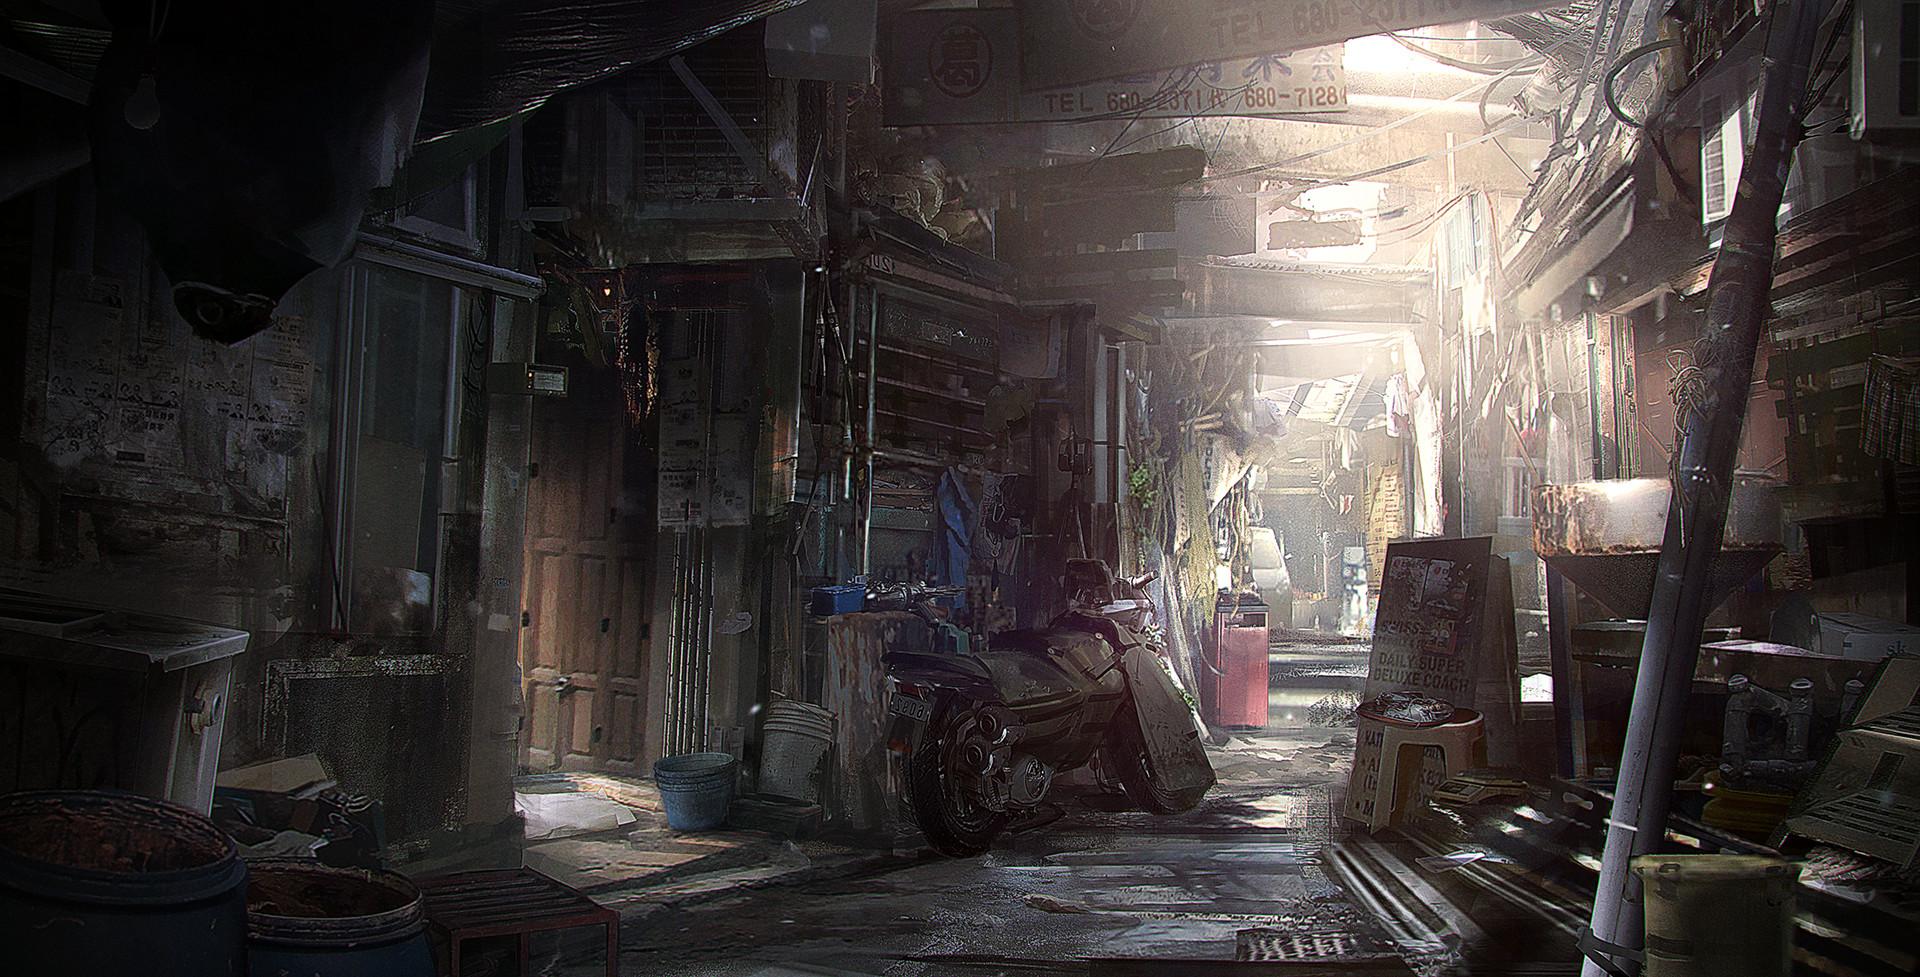 James cheong clutter